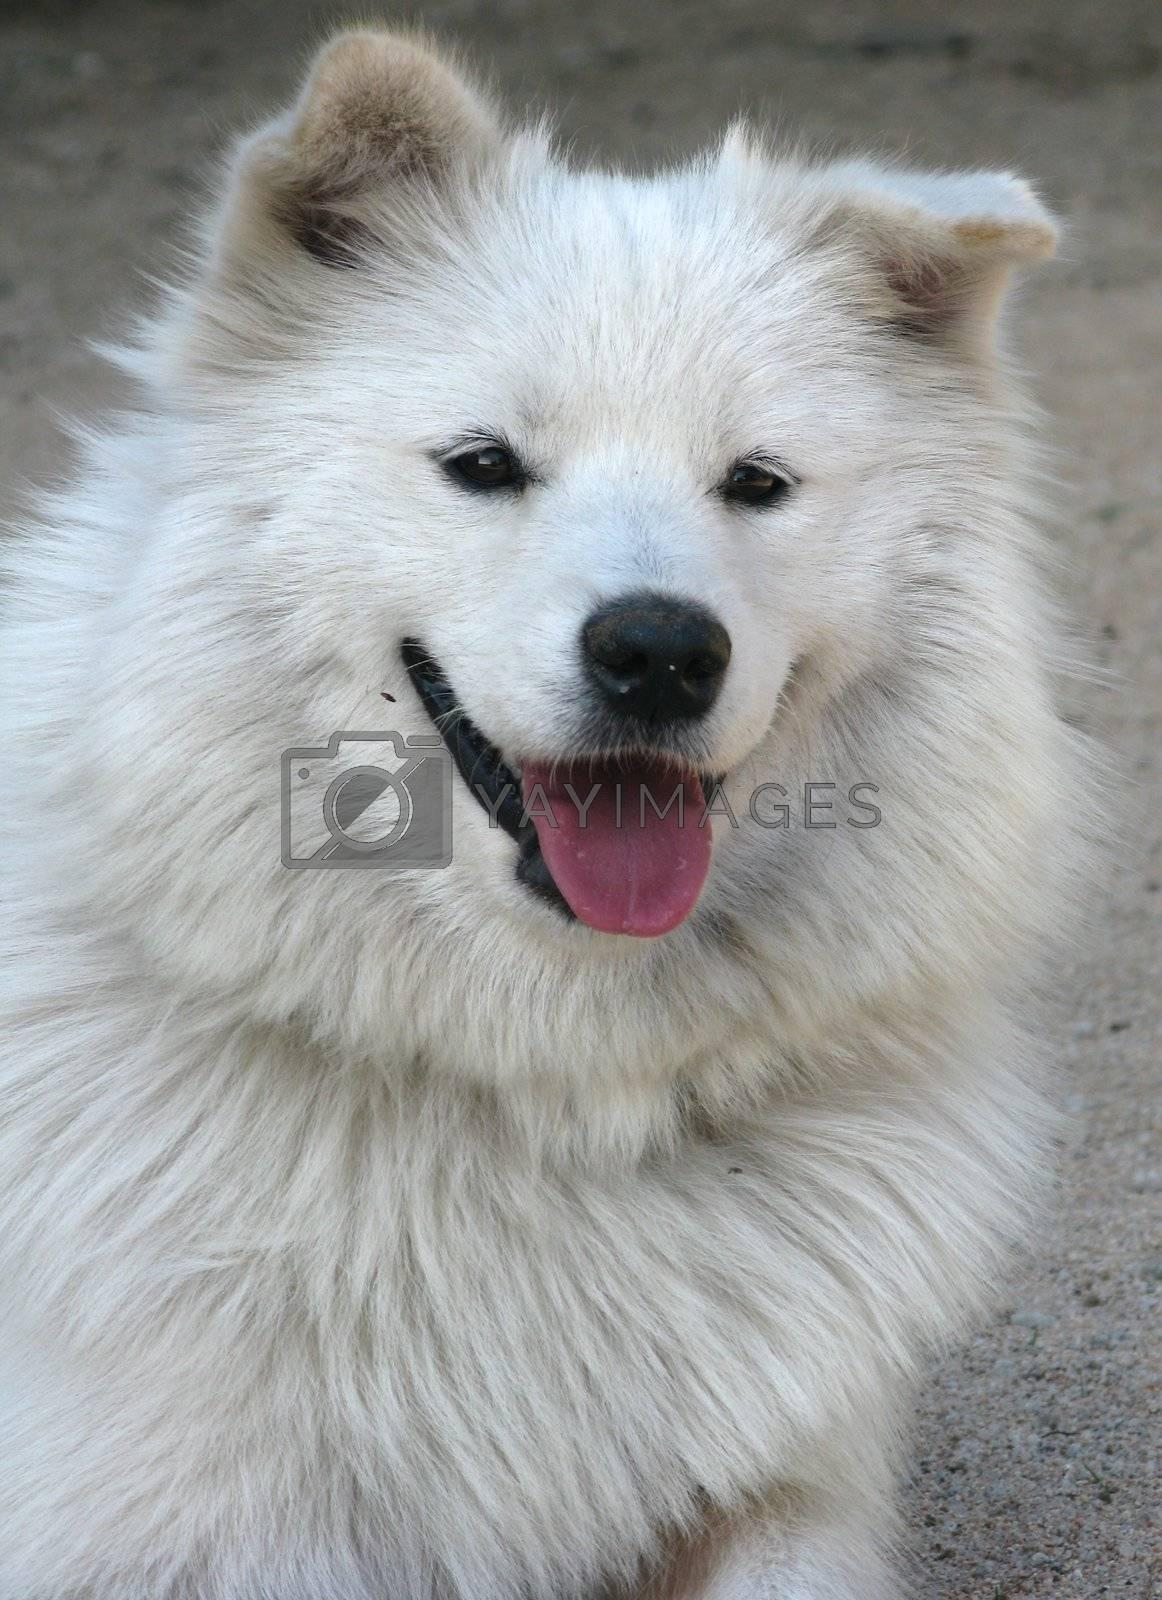 Samoyed dog one year old